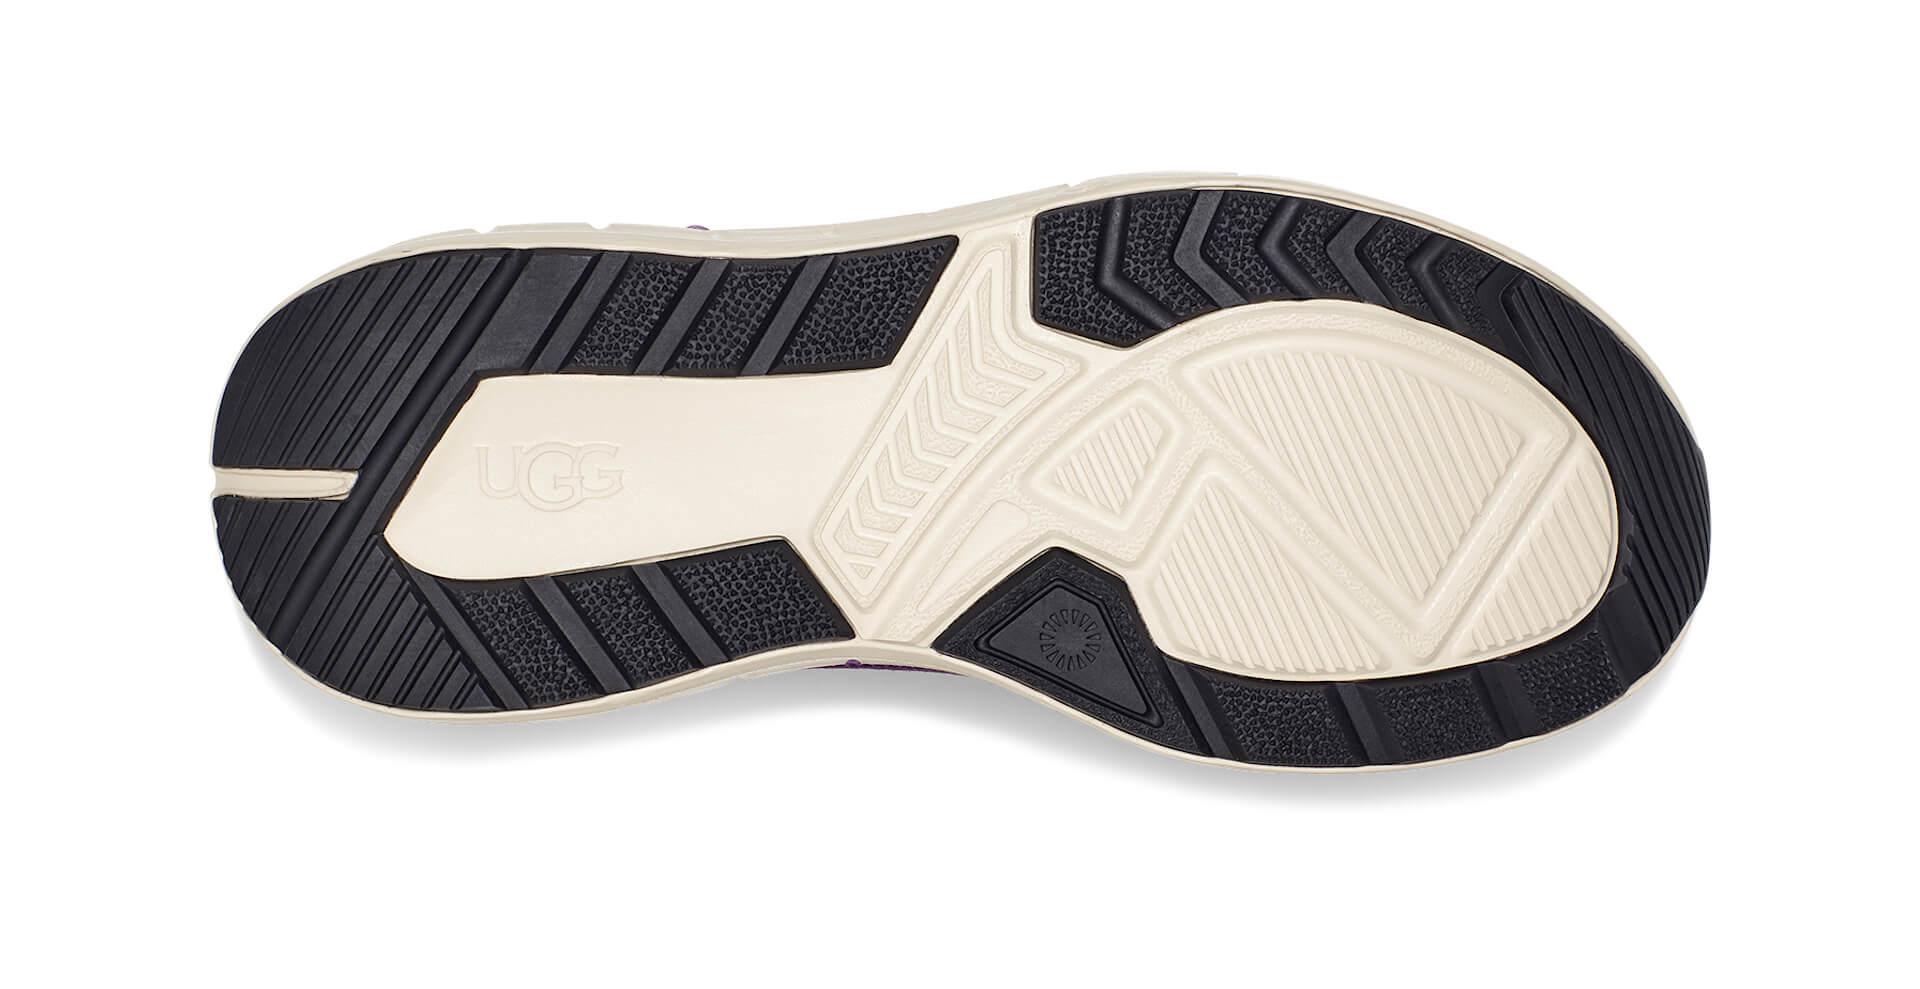 UGGのメンズ2021春夏コレクションが発表!定番「CA805」のシーズナルカラーや撥水性の高い新スニーカーも登場 life210121_ugg_15